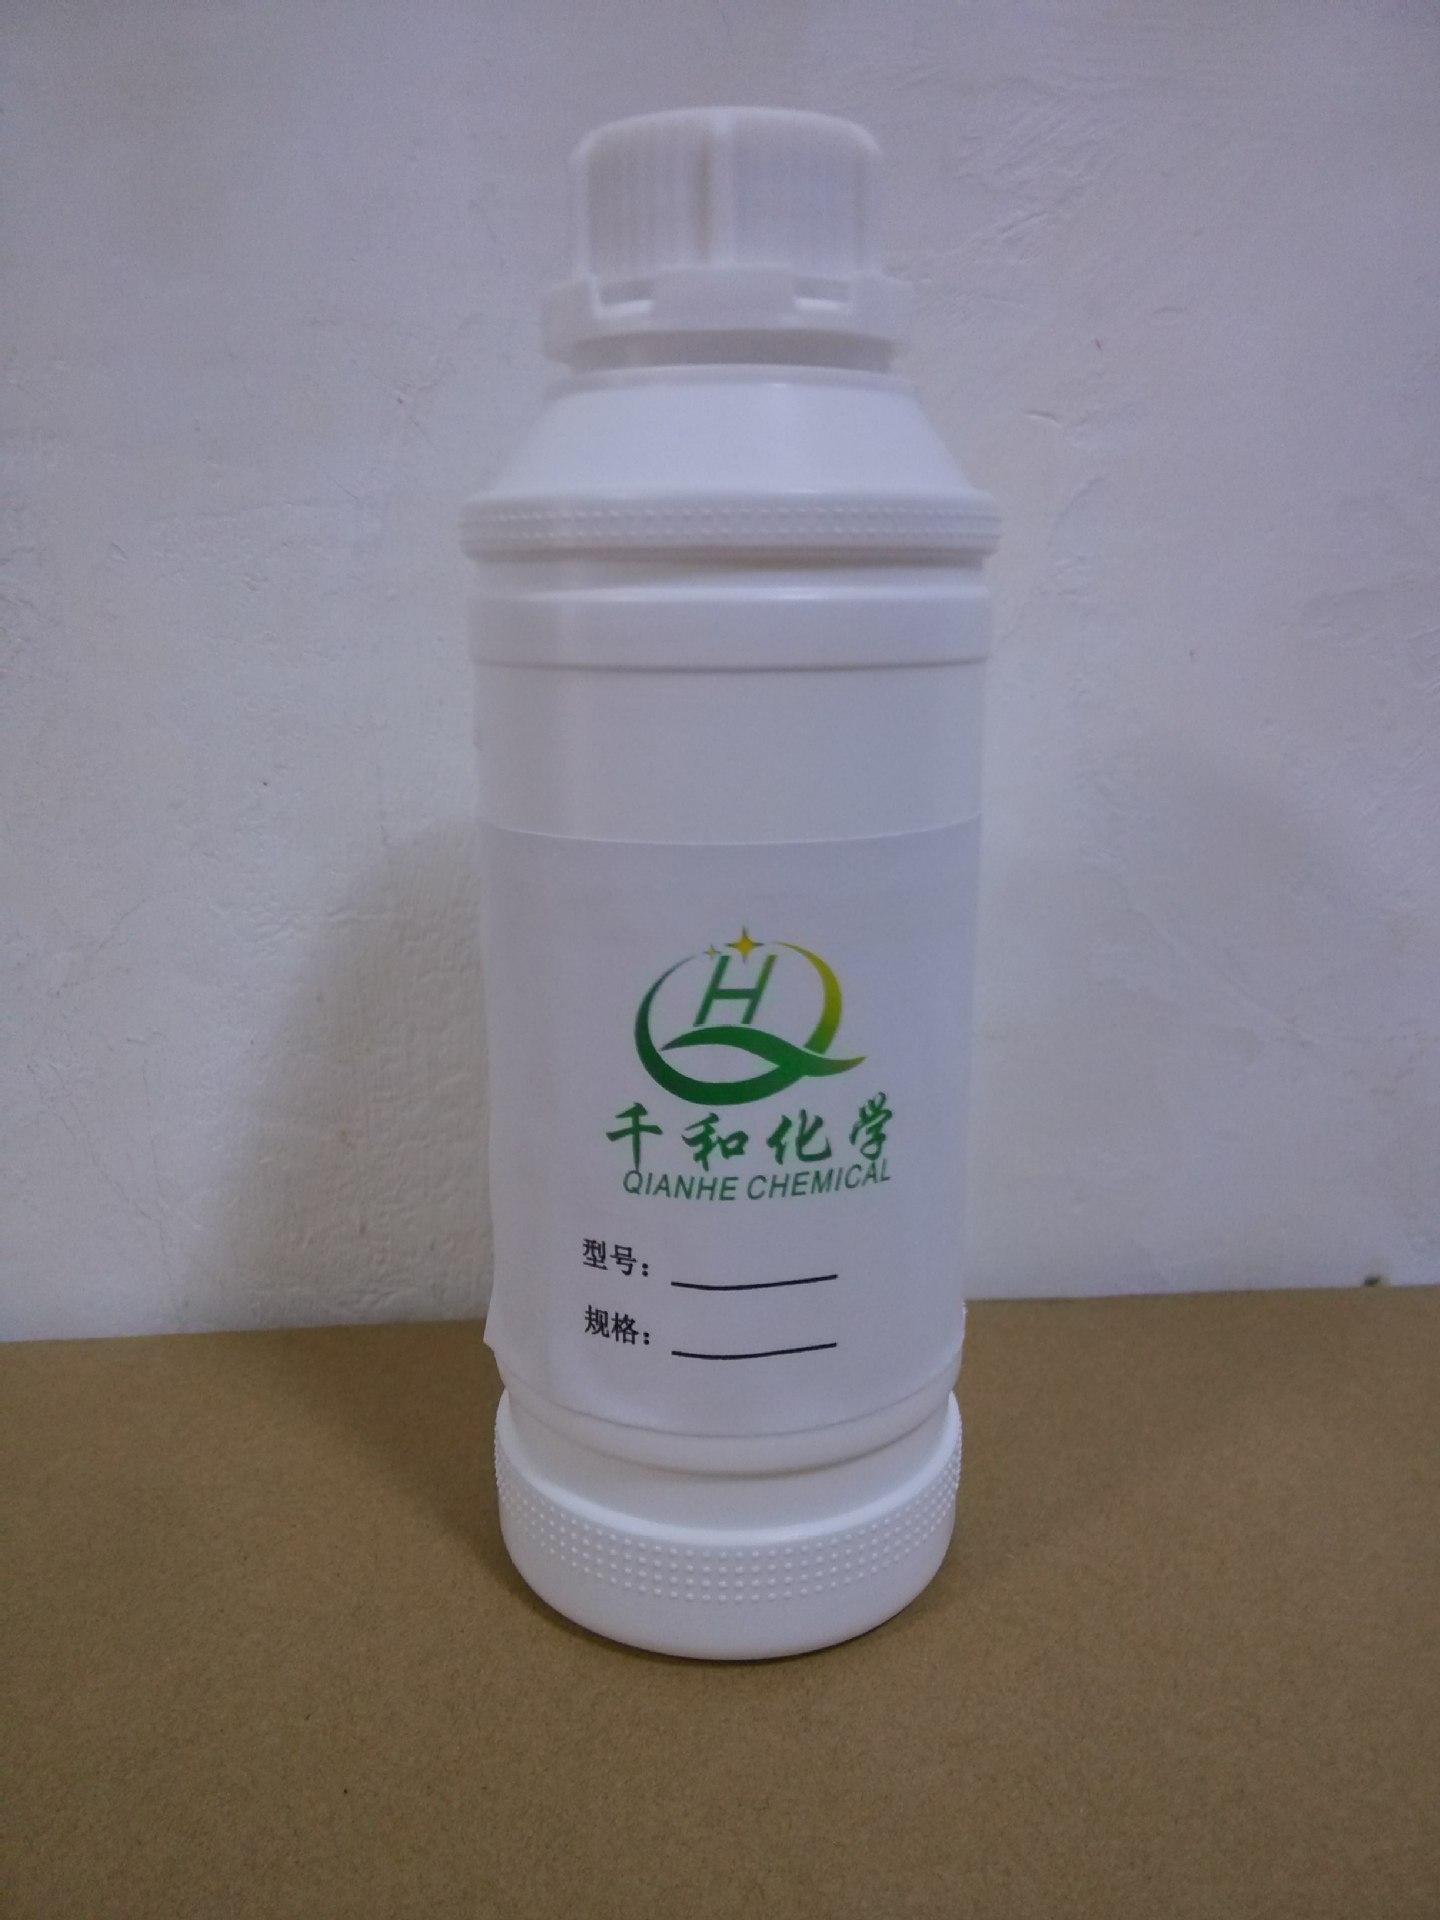 Exxon isoparaffin Isopar H mẫu thử thuốc thử 500ml / chai 50 nhân dân tệ, 1000ml / chai 80